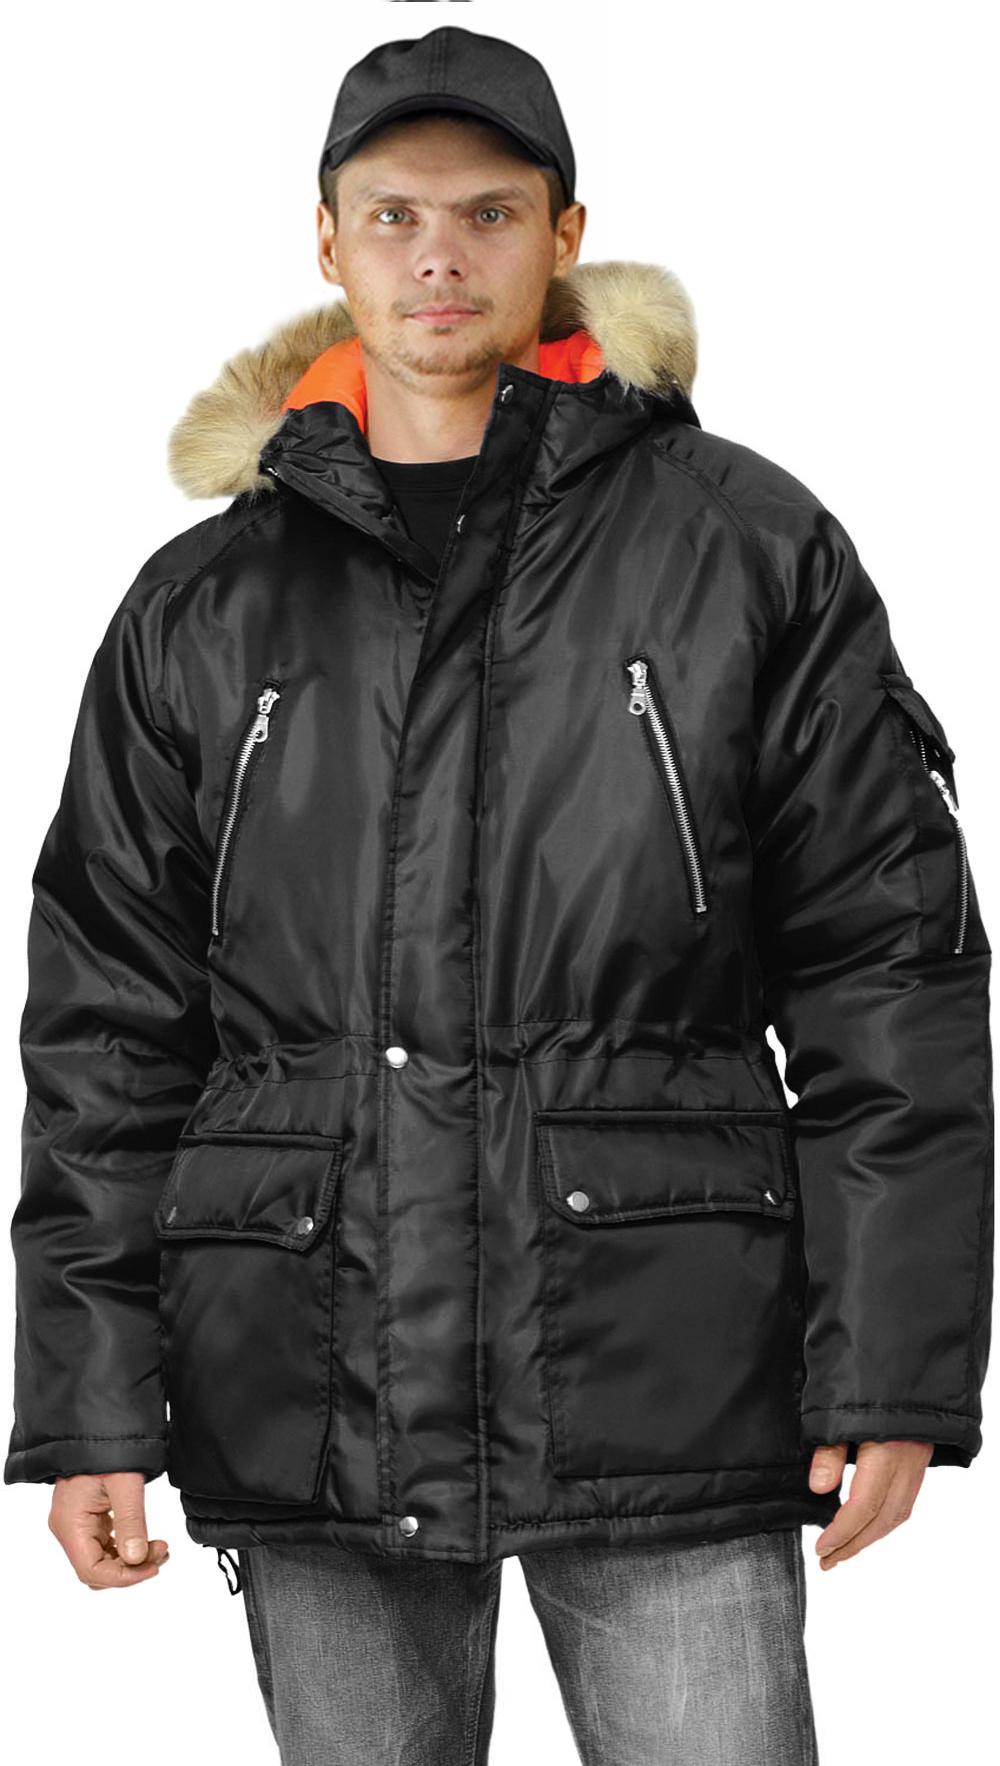 Купить Куртка зимняя АЛЯСКА удлиненная цвет: черный, Ursus